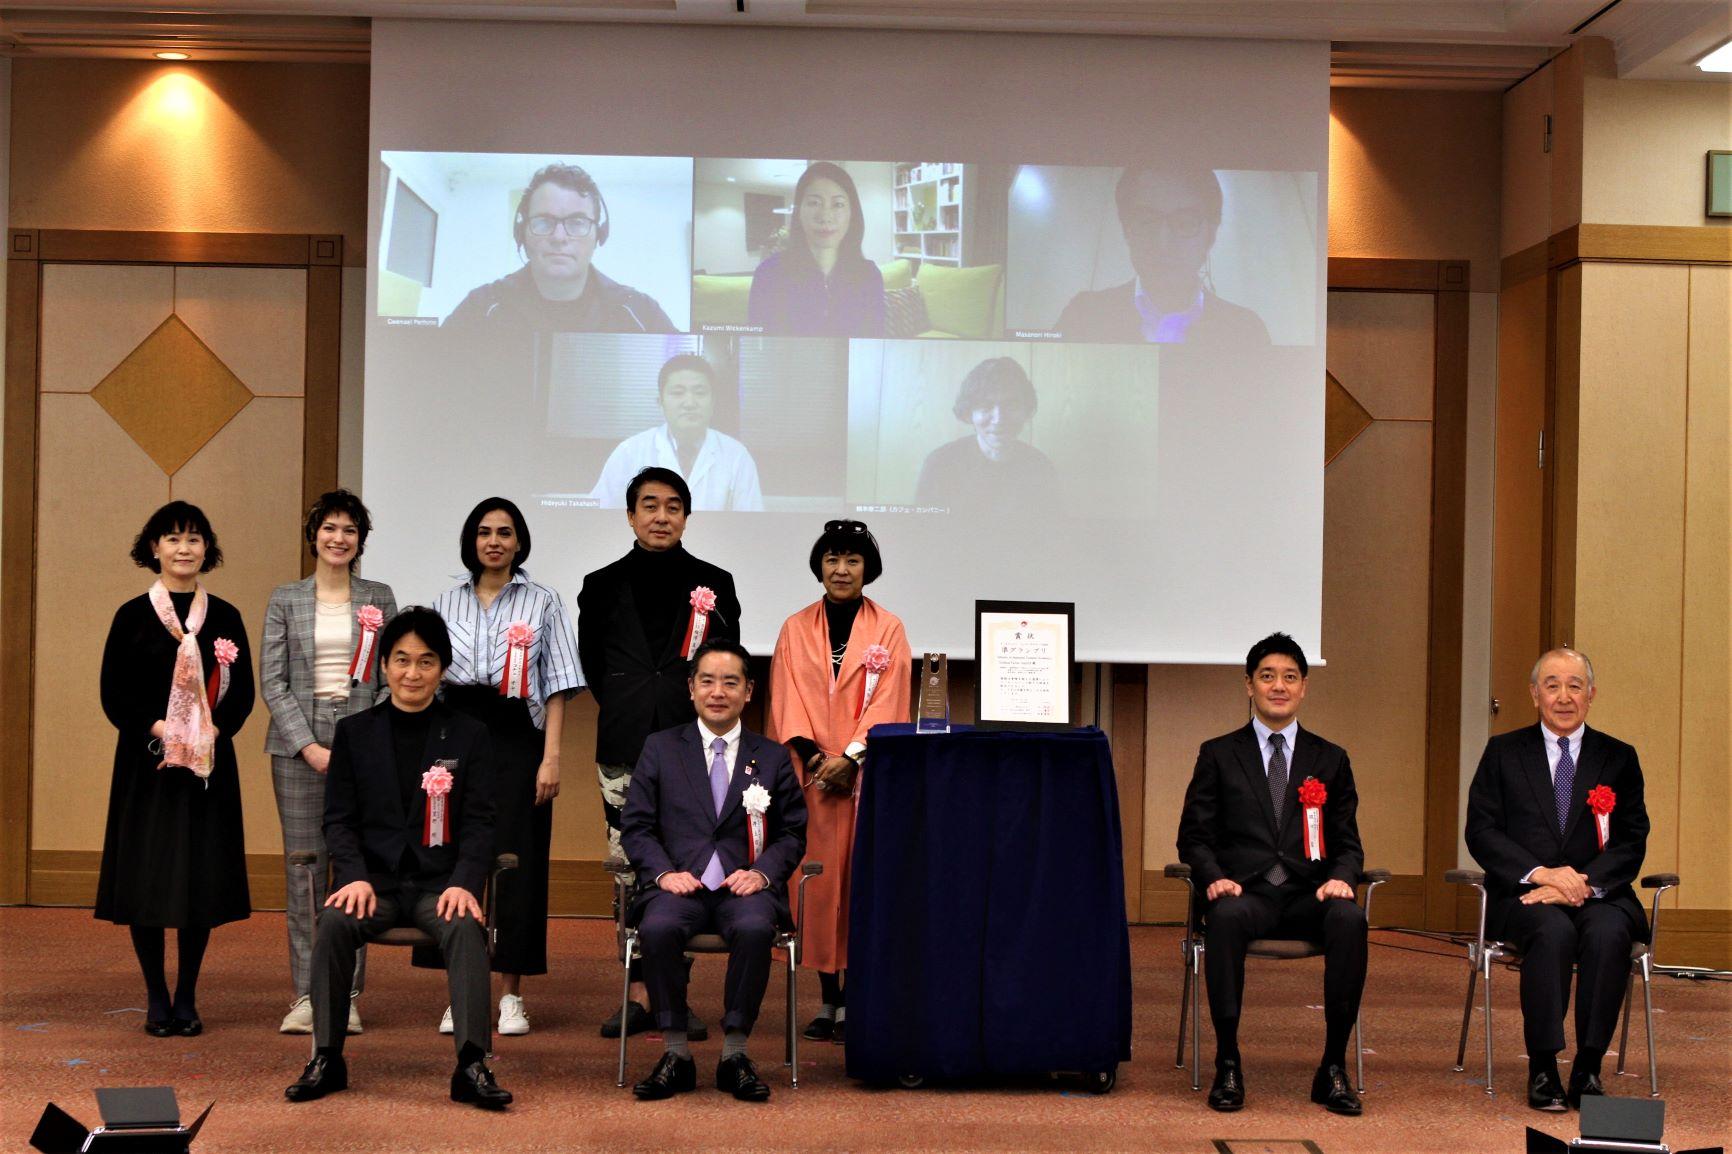 Award-winning program of Japanese cuisine